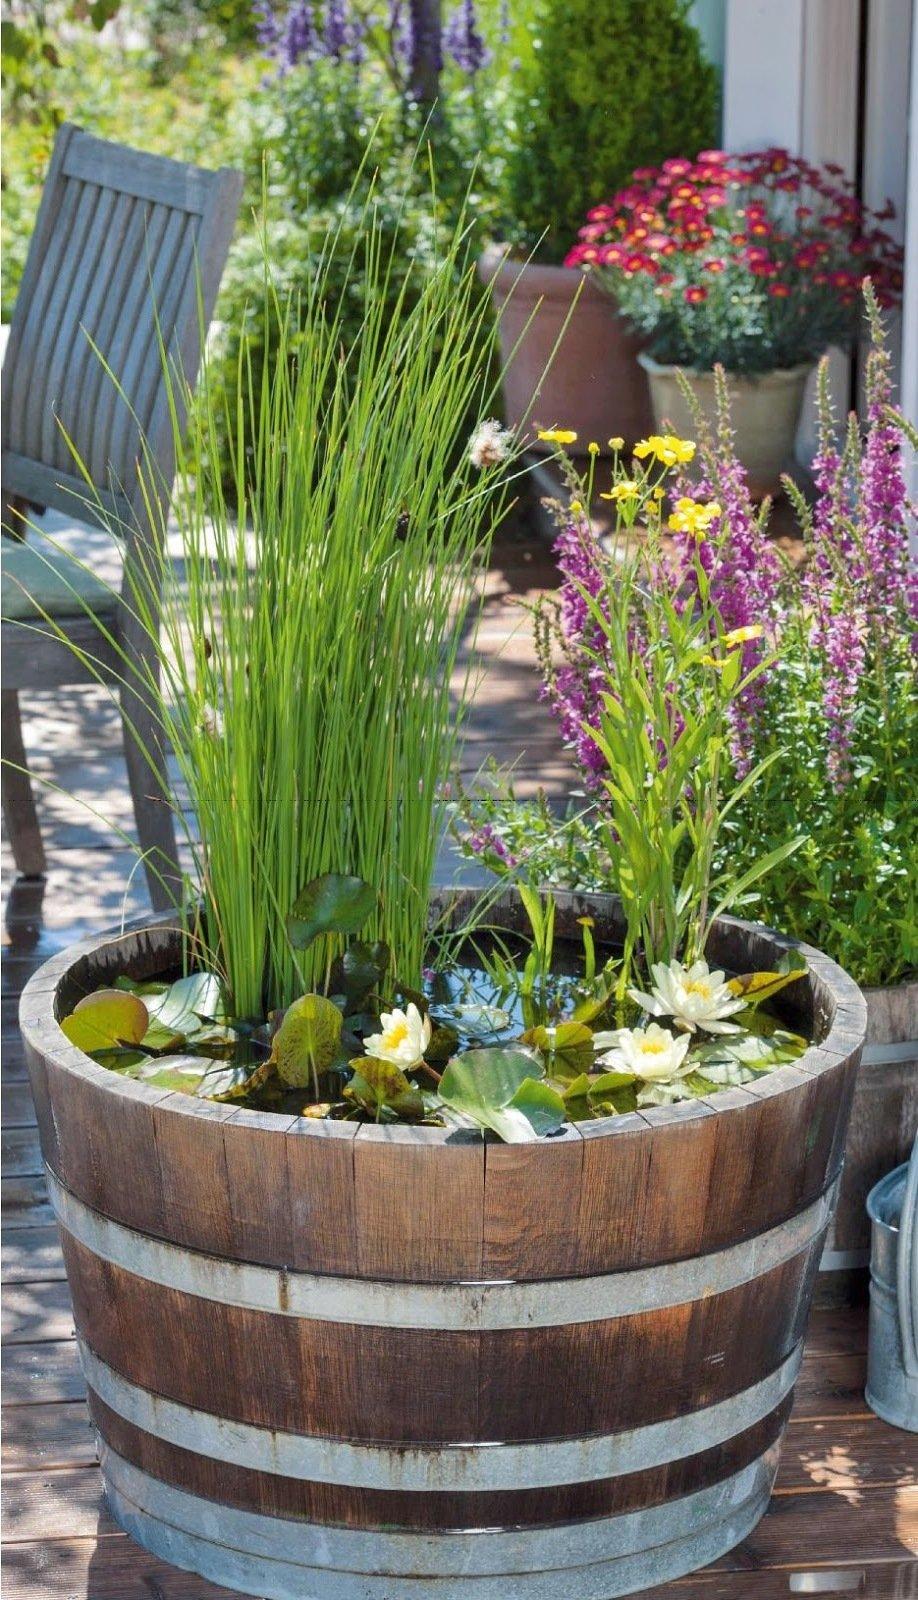 DIY Mini-Teich im Topf und noch viele tolle Gartenideen für wenig Geld finden Sie hier